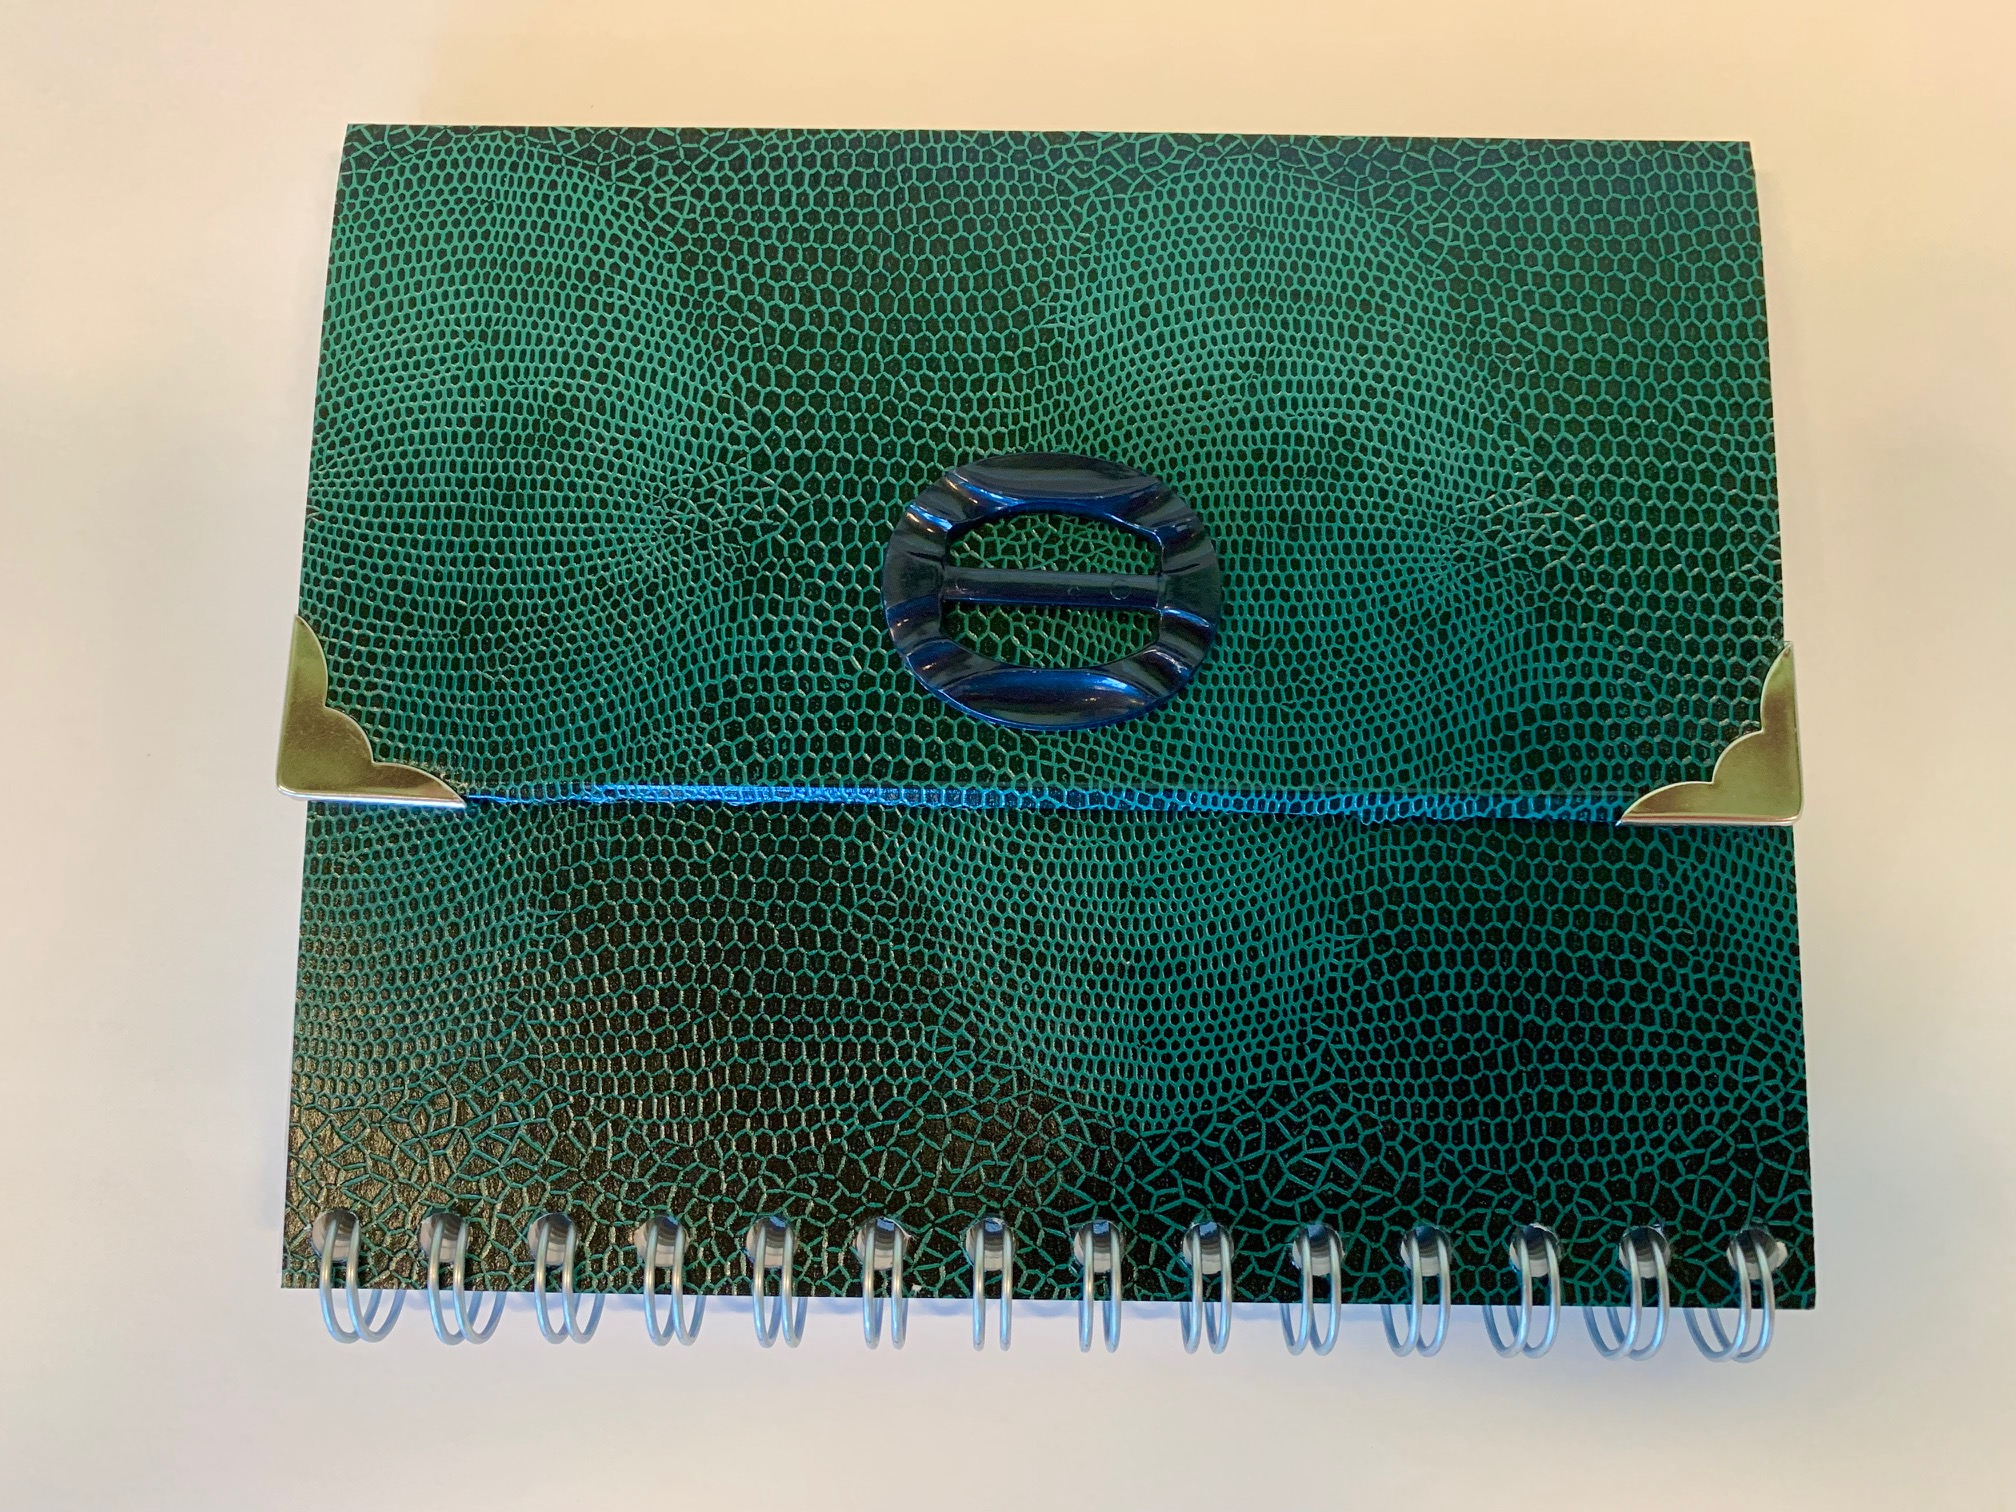 Notizbuch im Handtaschendesign grün